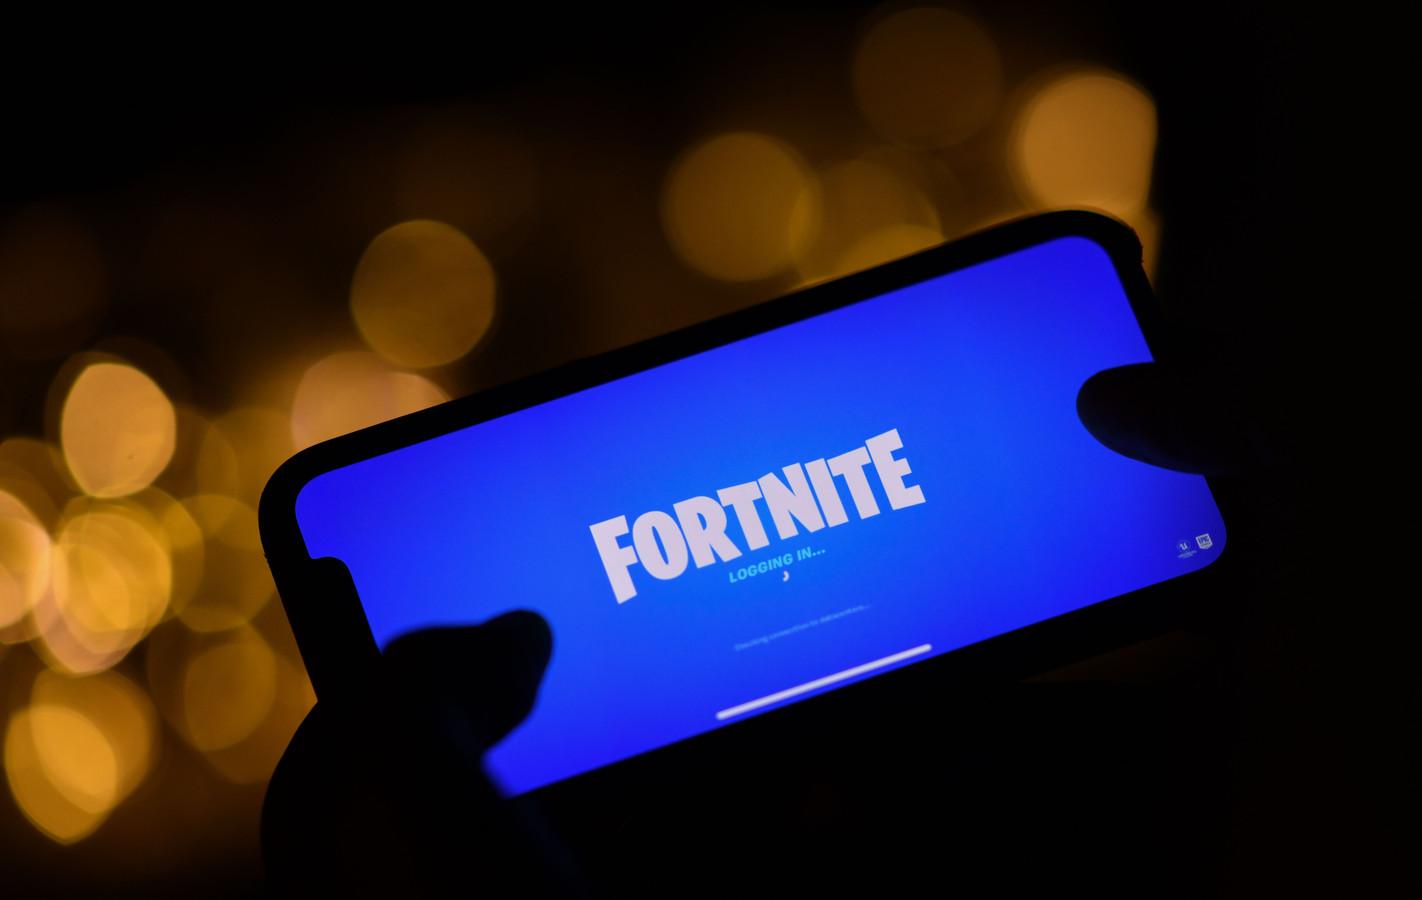 Fortnite-ontwikkelaar Epic Games ligt al enige tijd in de clinch met Apple. Fortnite is sinds vorige maand niet meer beschikbaar op iOS-apparaten na een rechtszaak van Epic Games tegen Apple. Nu heeft Apple zelf ook een aanklacht ingediend.